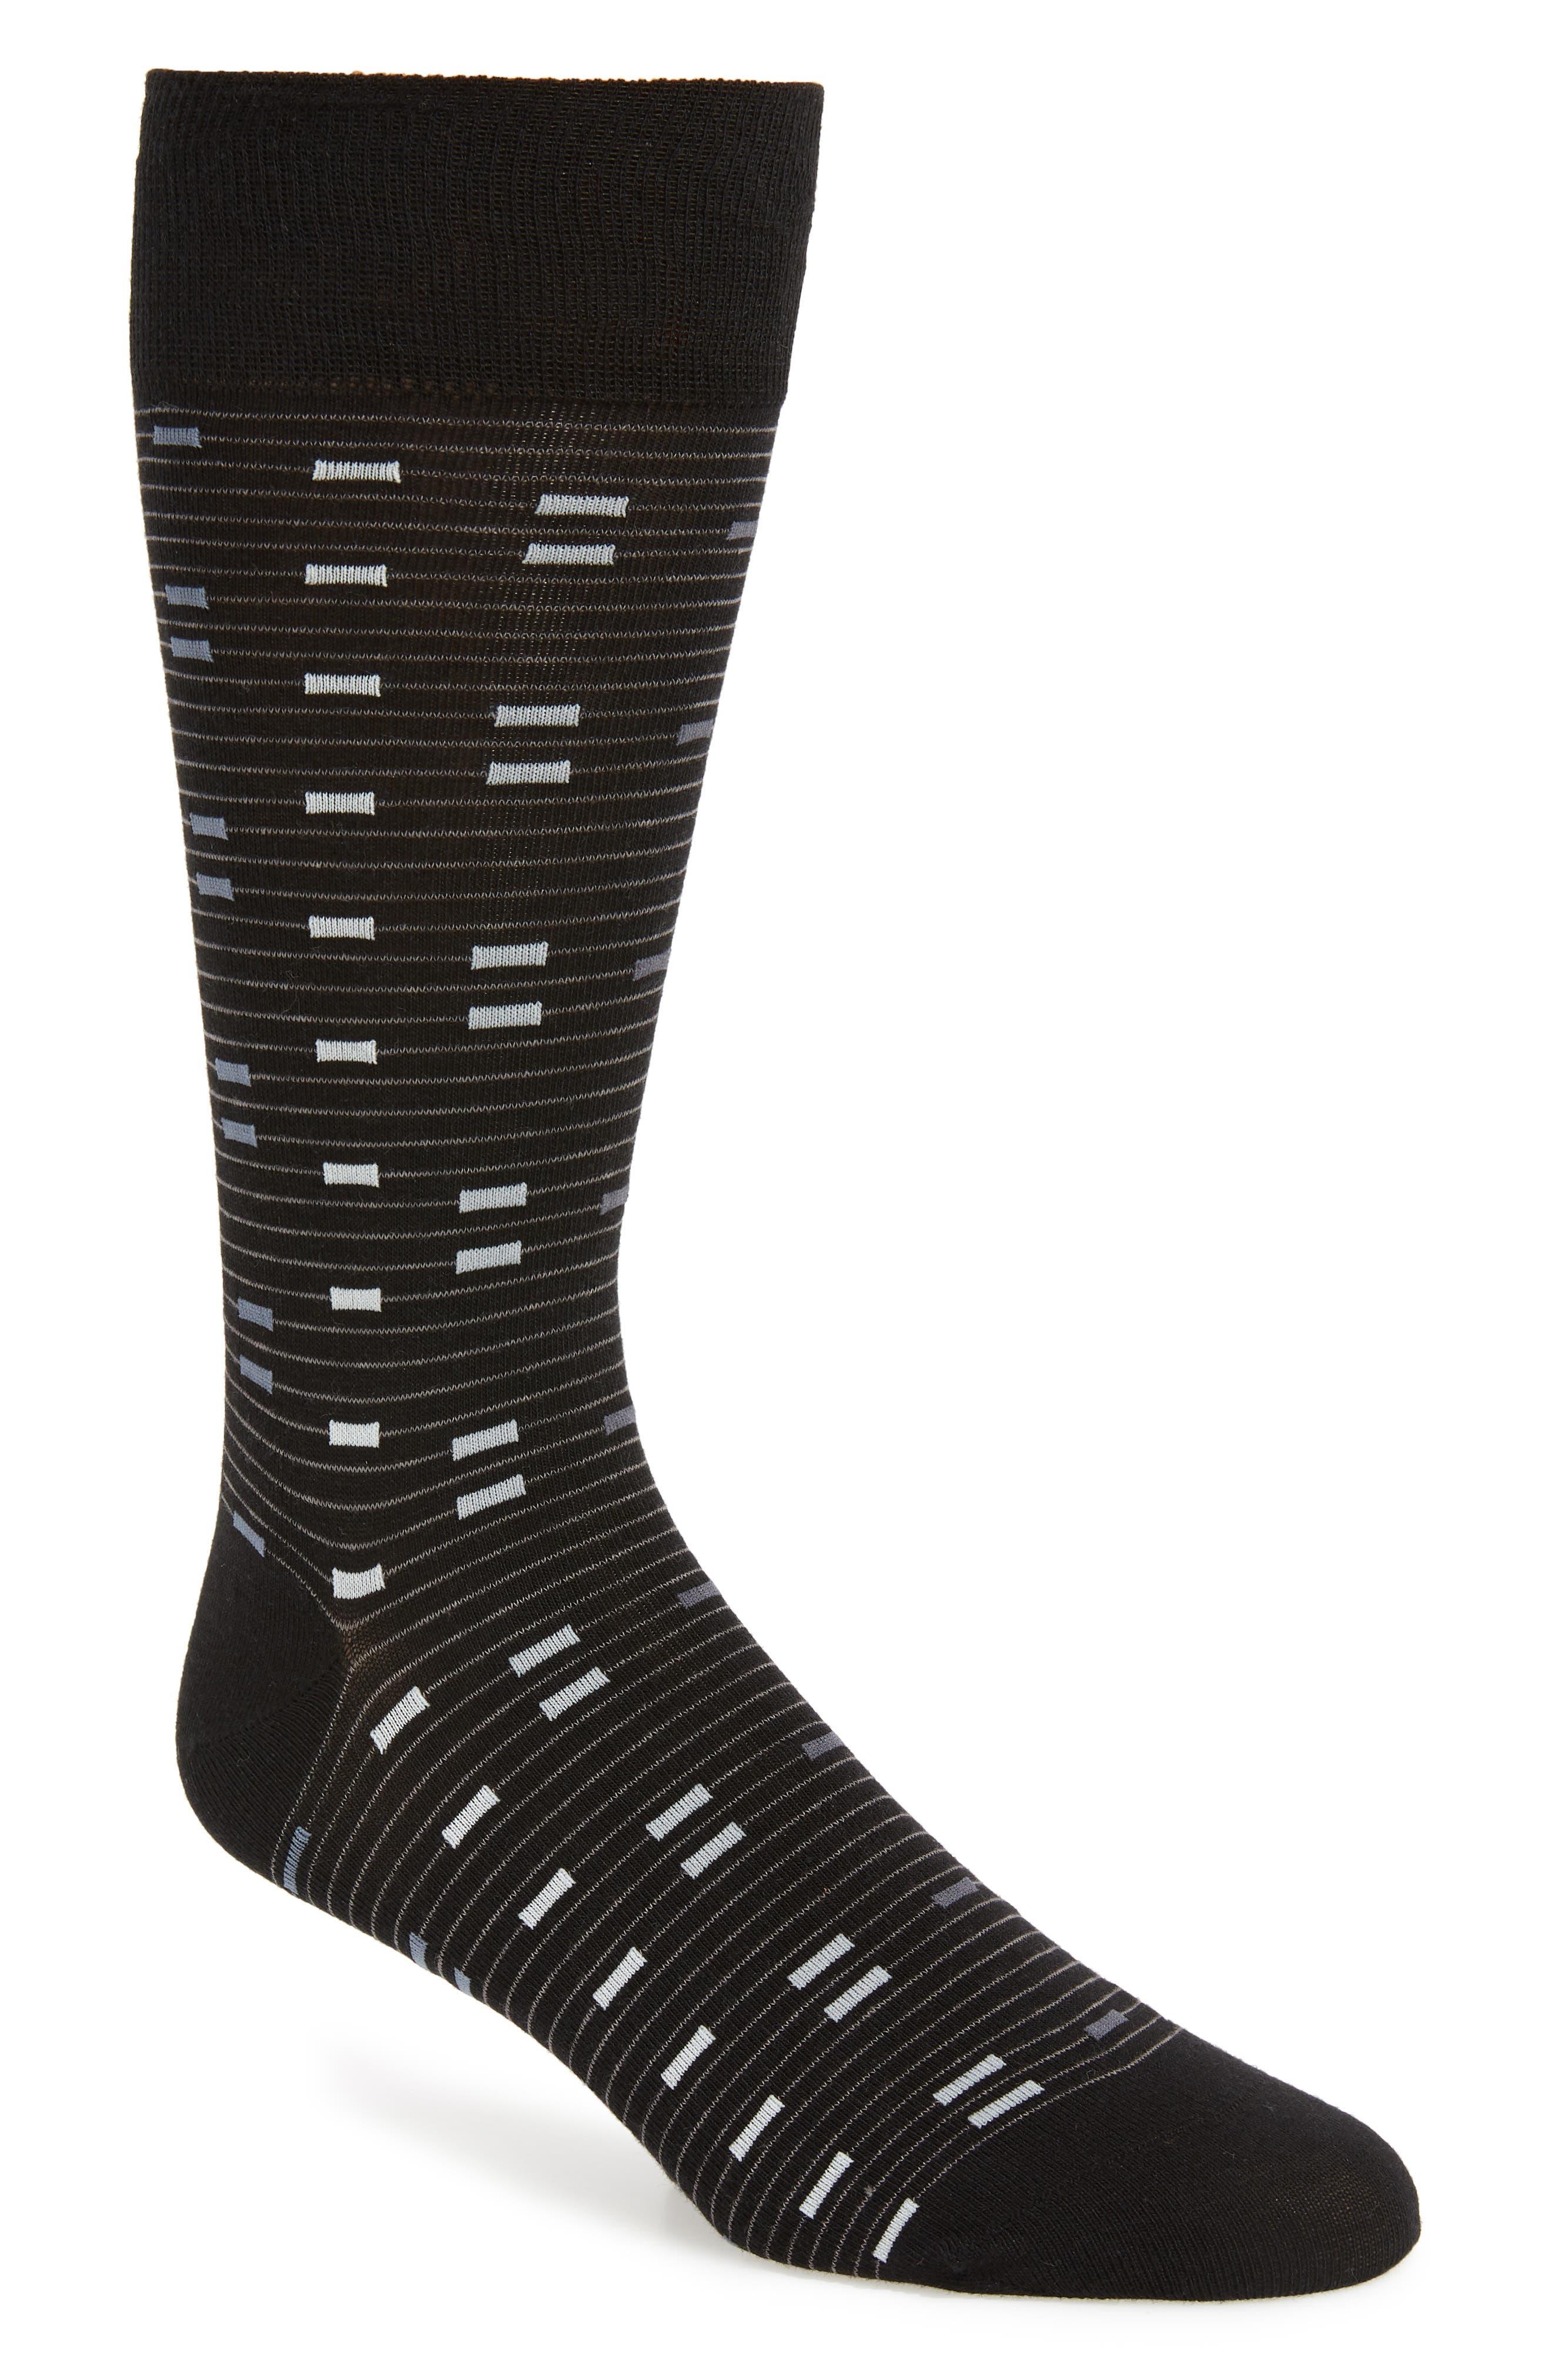 Vintage Men's Socks History-1900 to 1960s Mens Cole Haan Digital Stripe Socks Size One Size - Black $4.98 AT vintagedancer.com